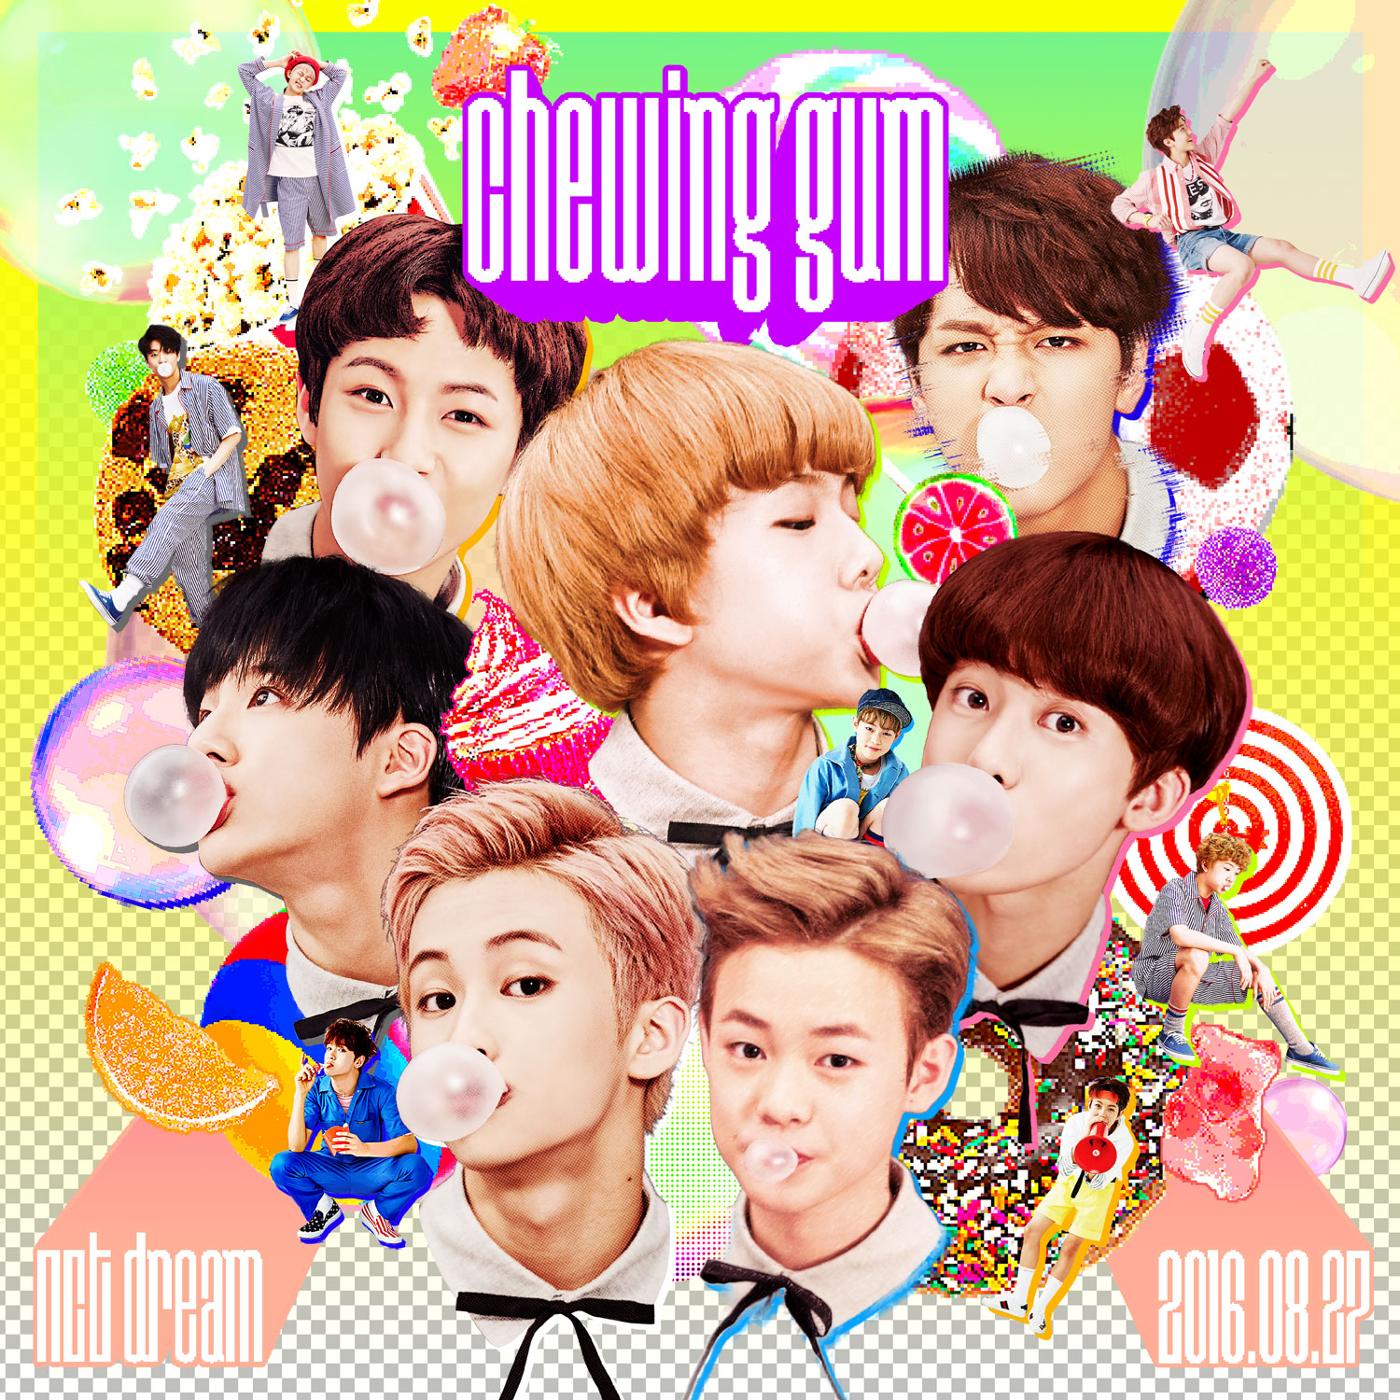 Imagini pentru nct dream chewing gum album cover